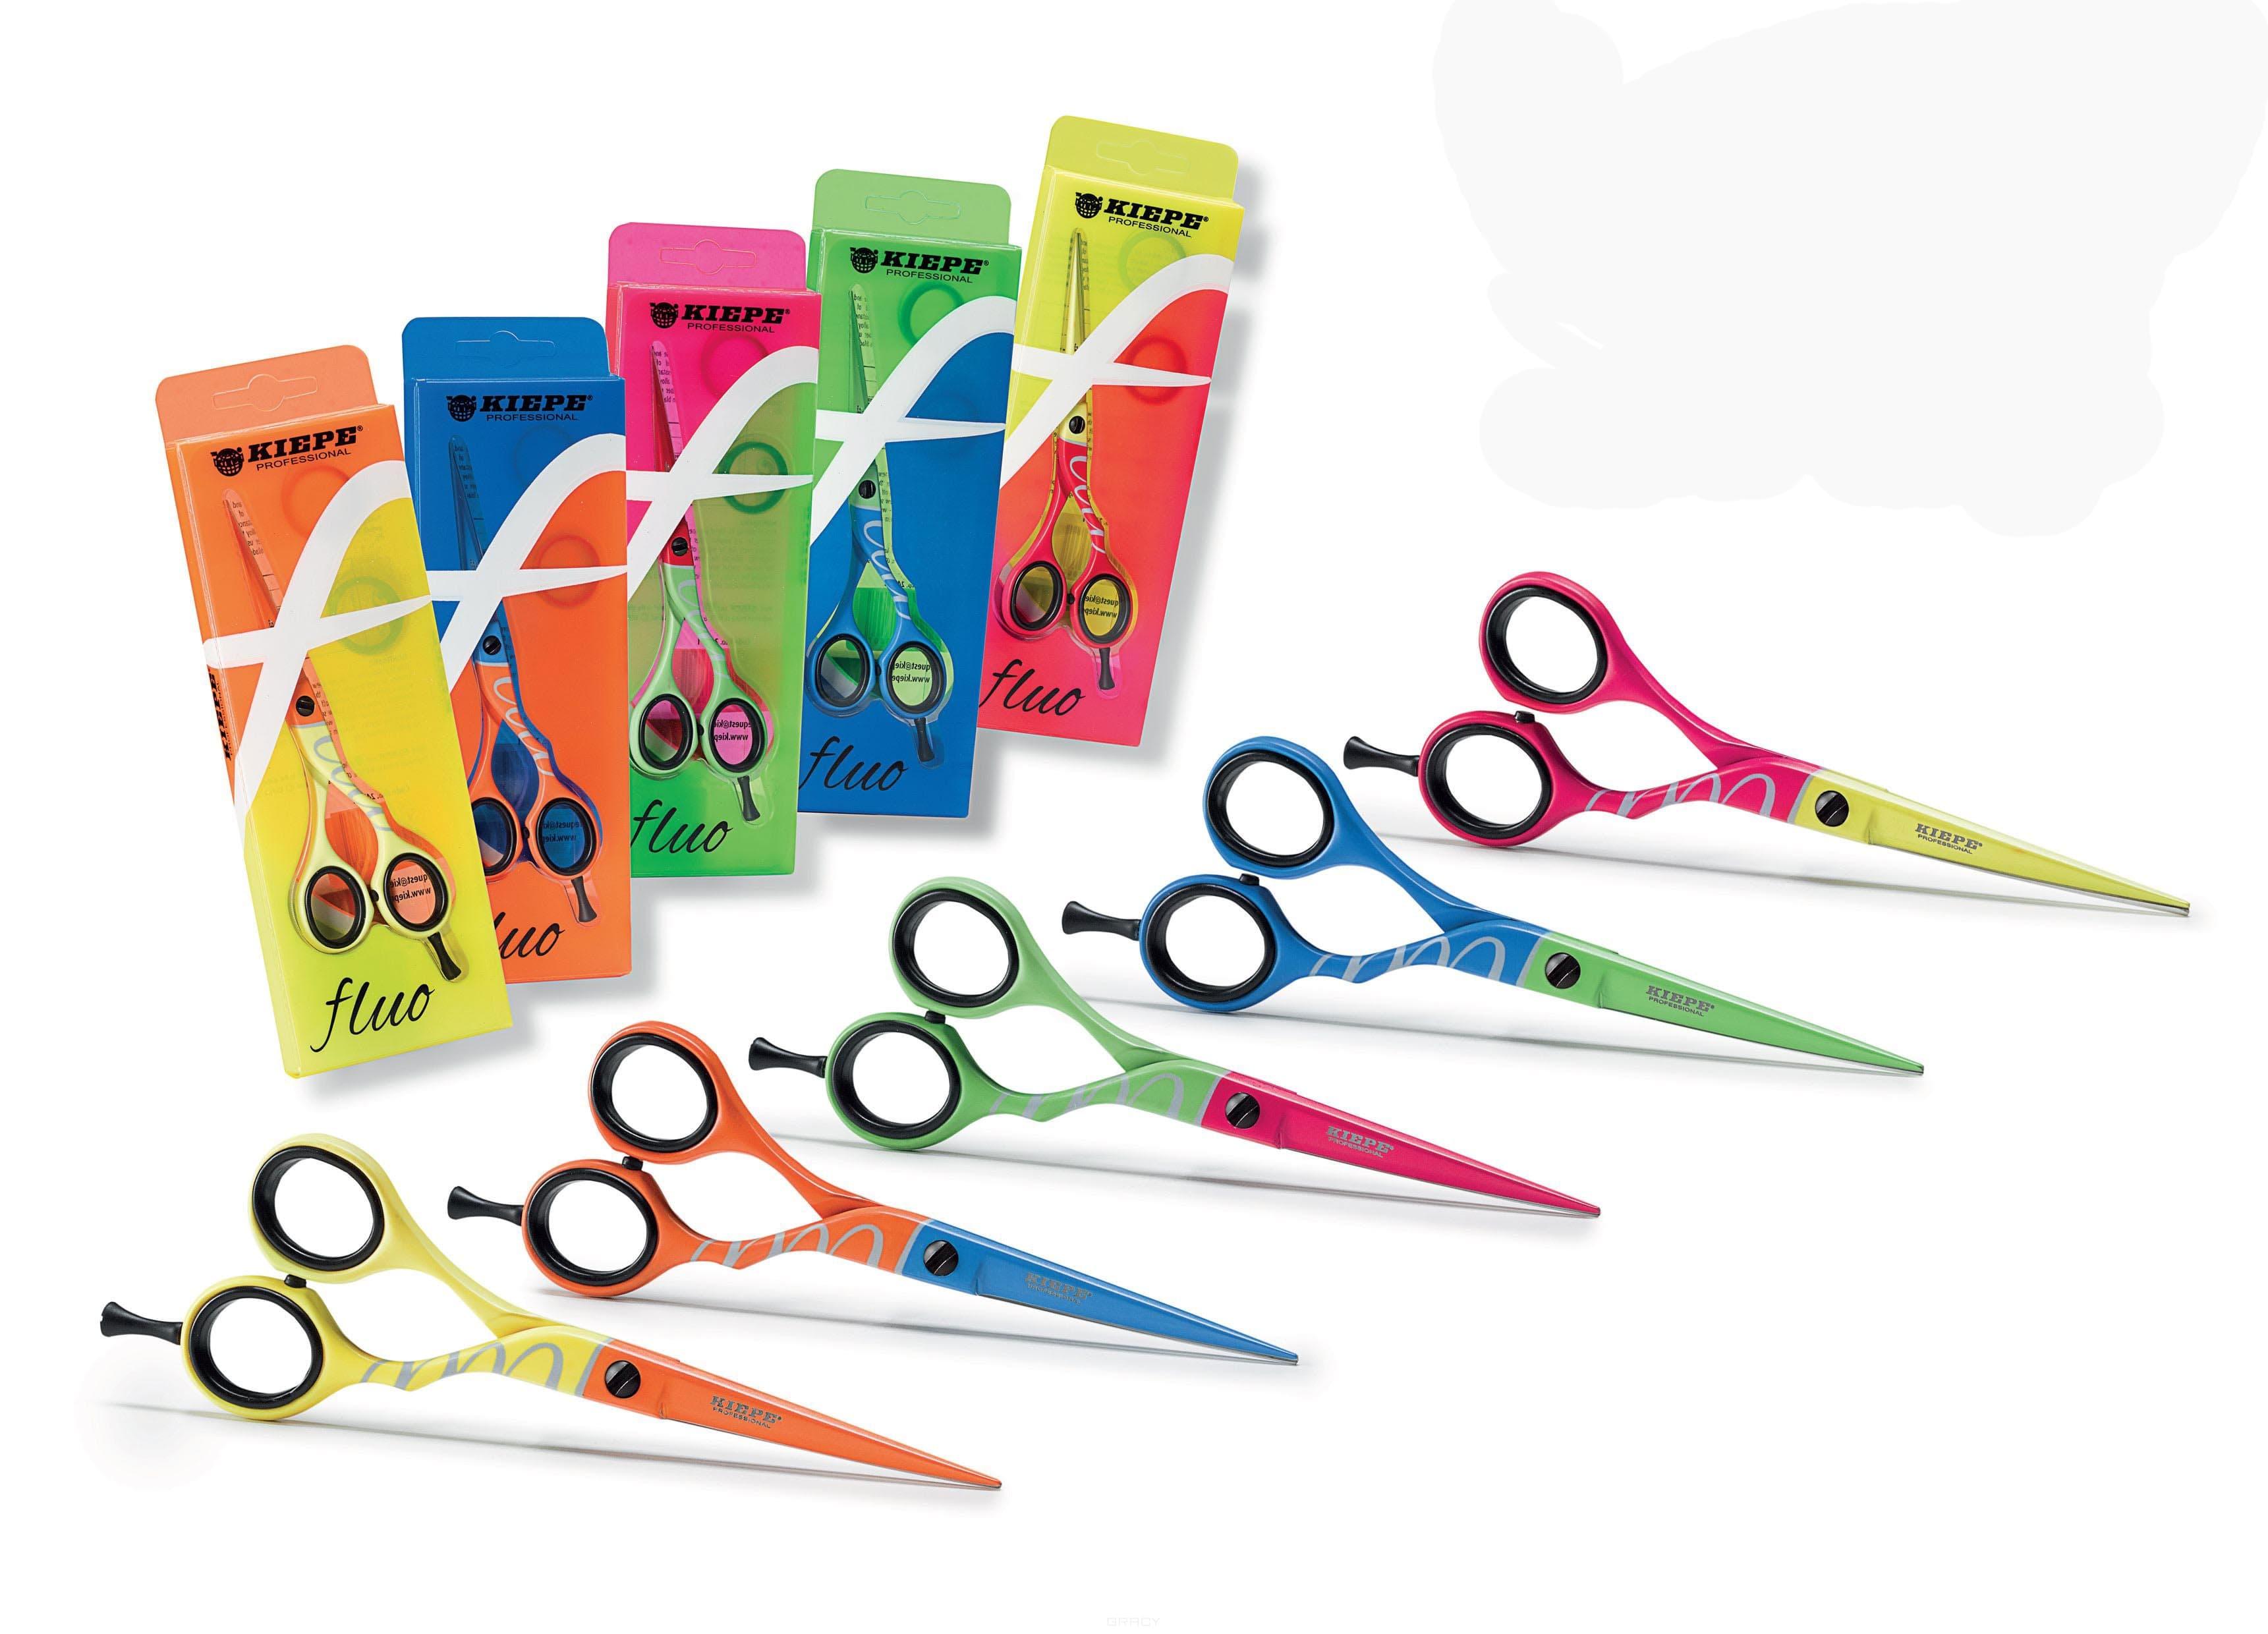 Kiepe, Ножницы прмые 5,5 Fluo оранжево-желтые (5 цветов), 1 шт, оранжево-синие 2438-55-4Ножницы дл стрижки волос<br><br>